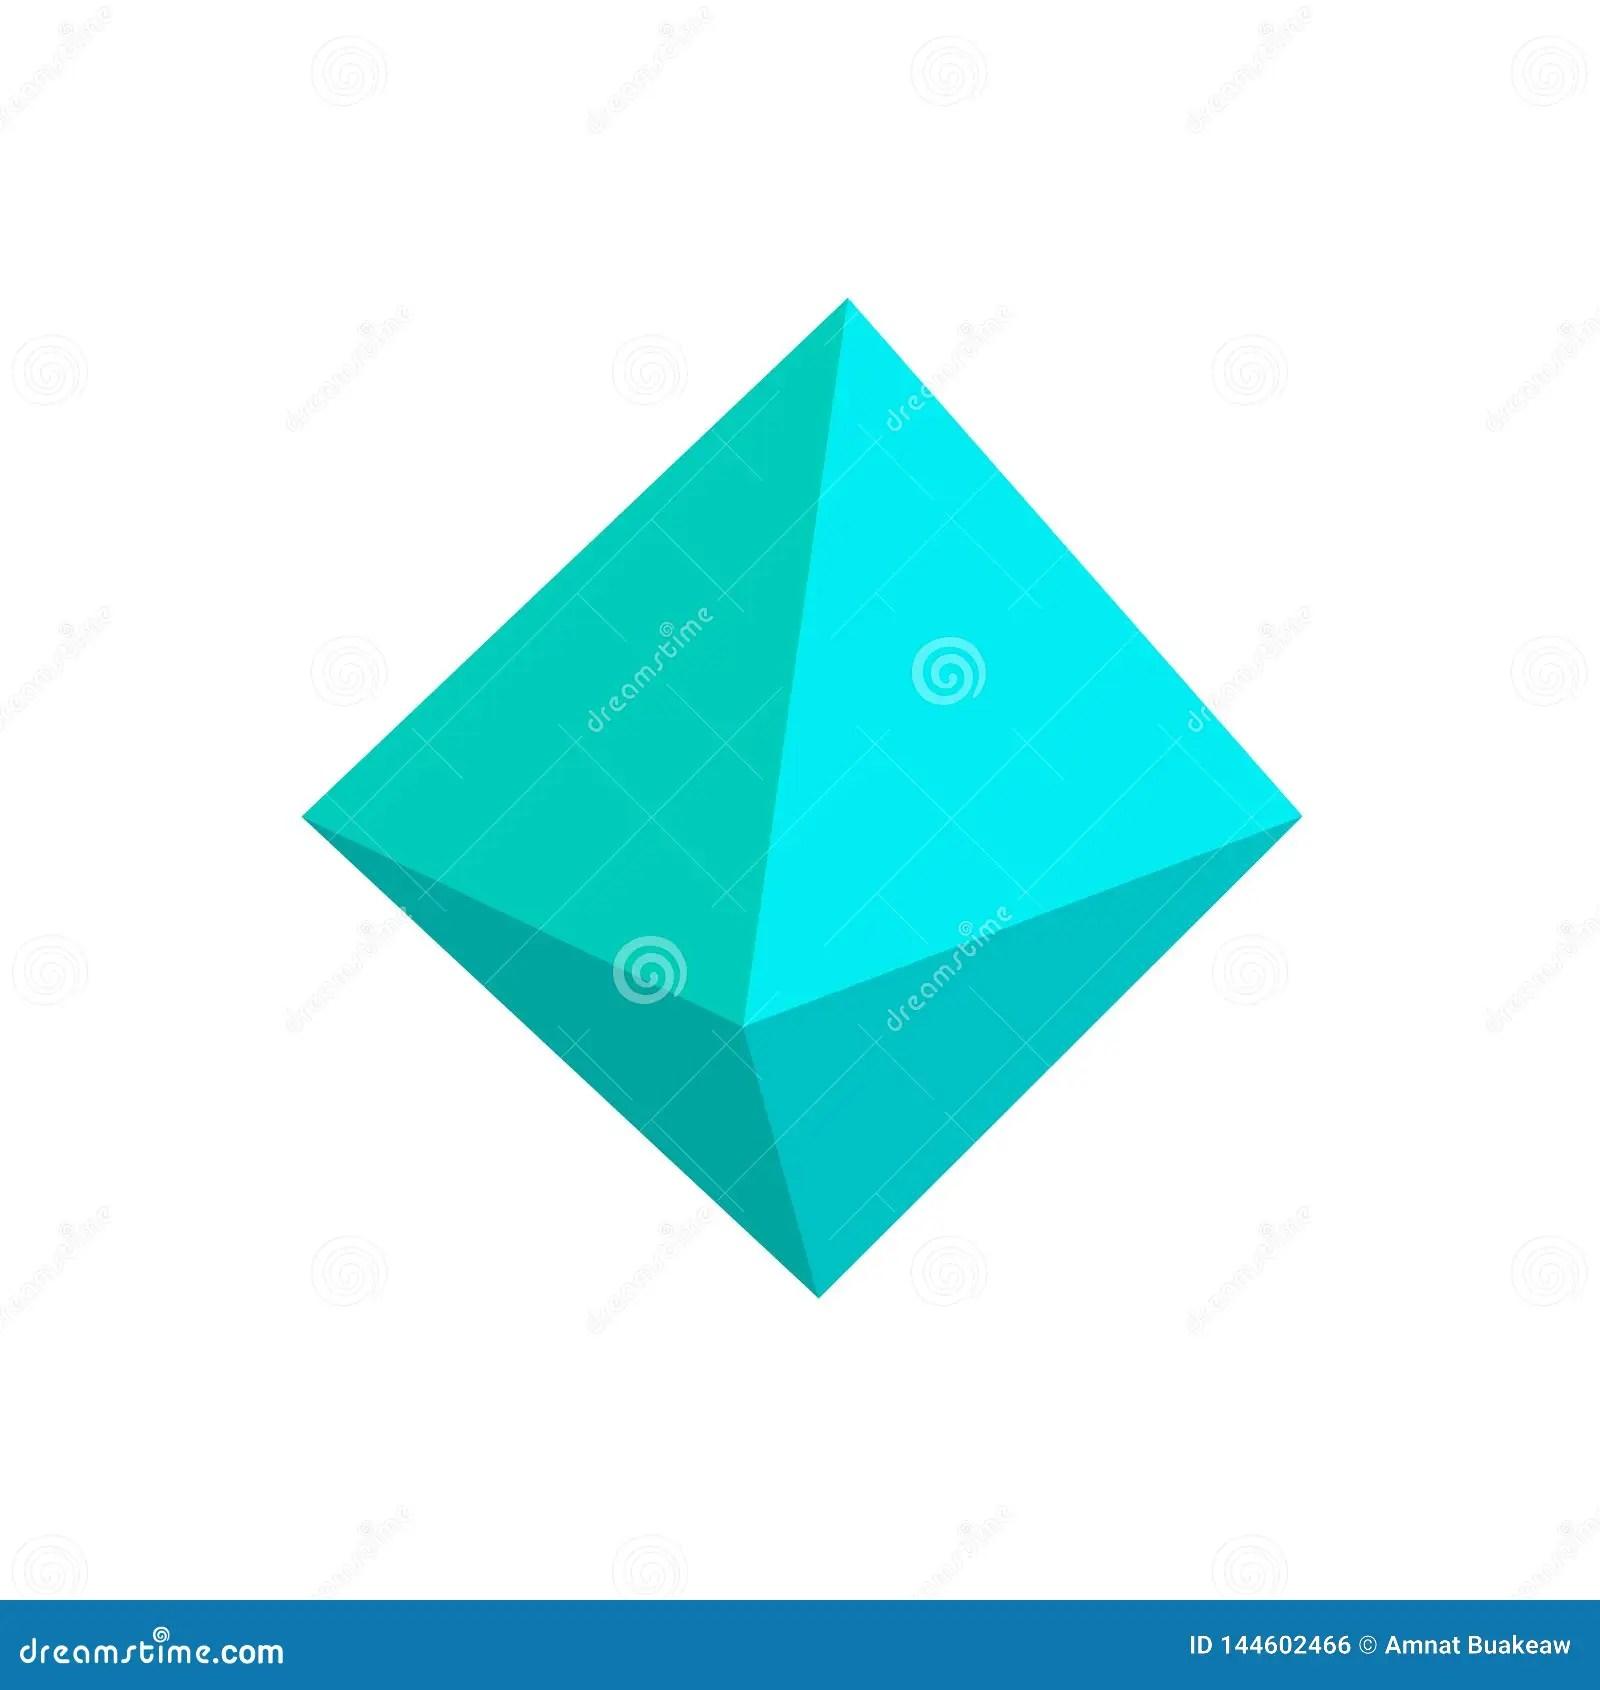 Blue Octahedron Basic Simple 3d Shapes Isolated On White